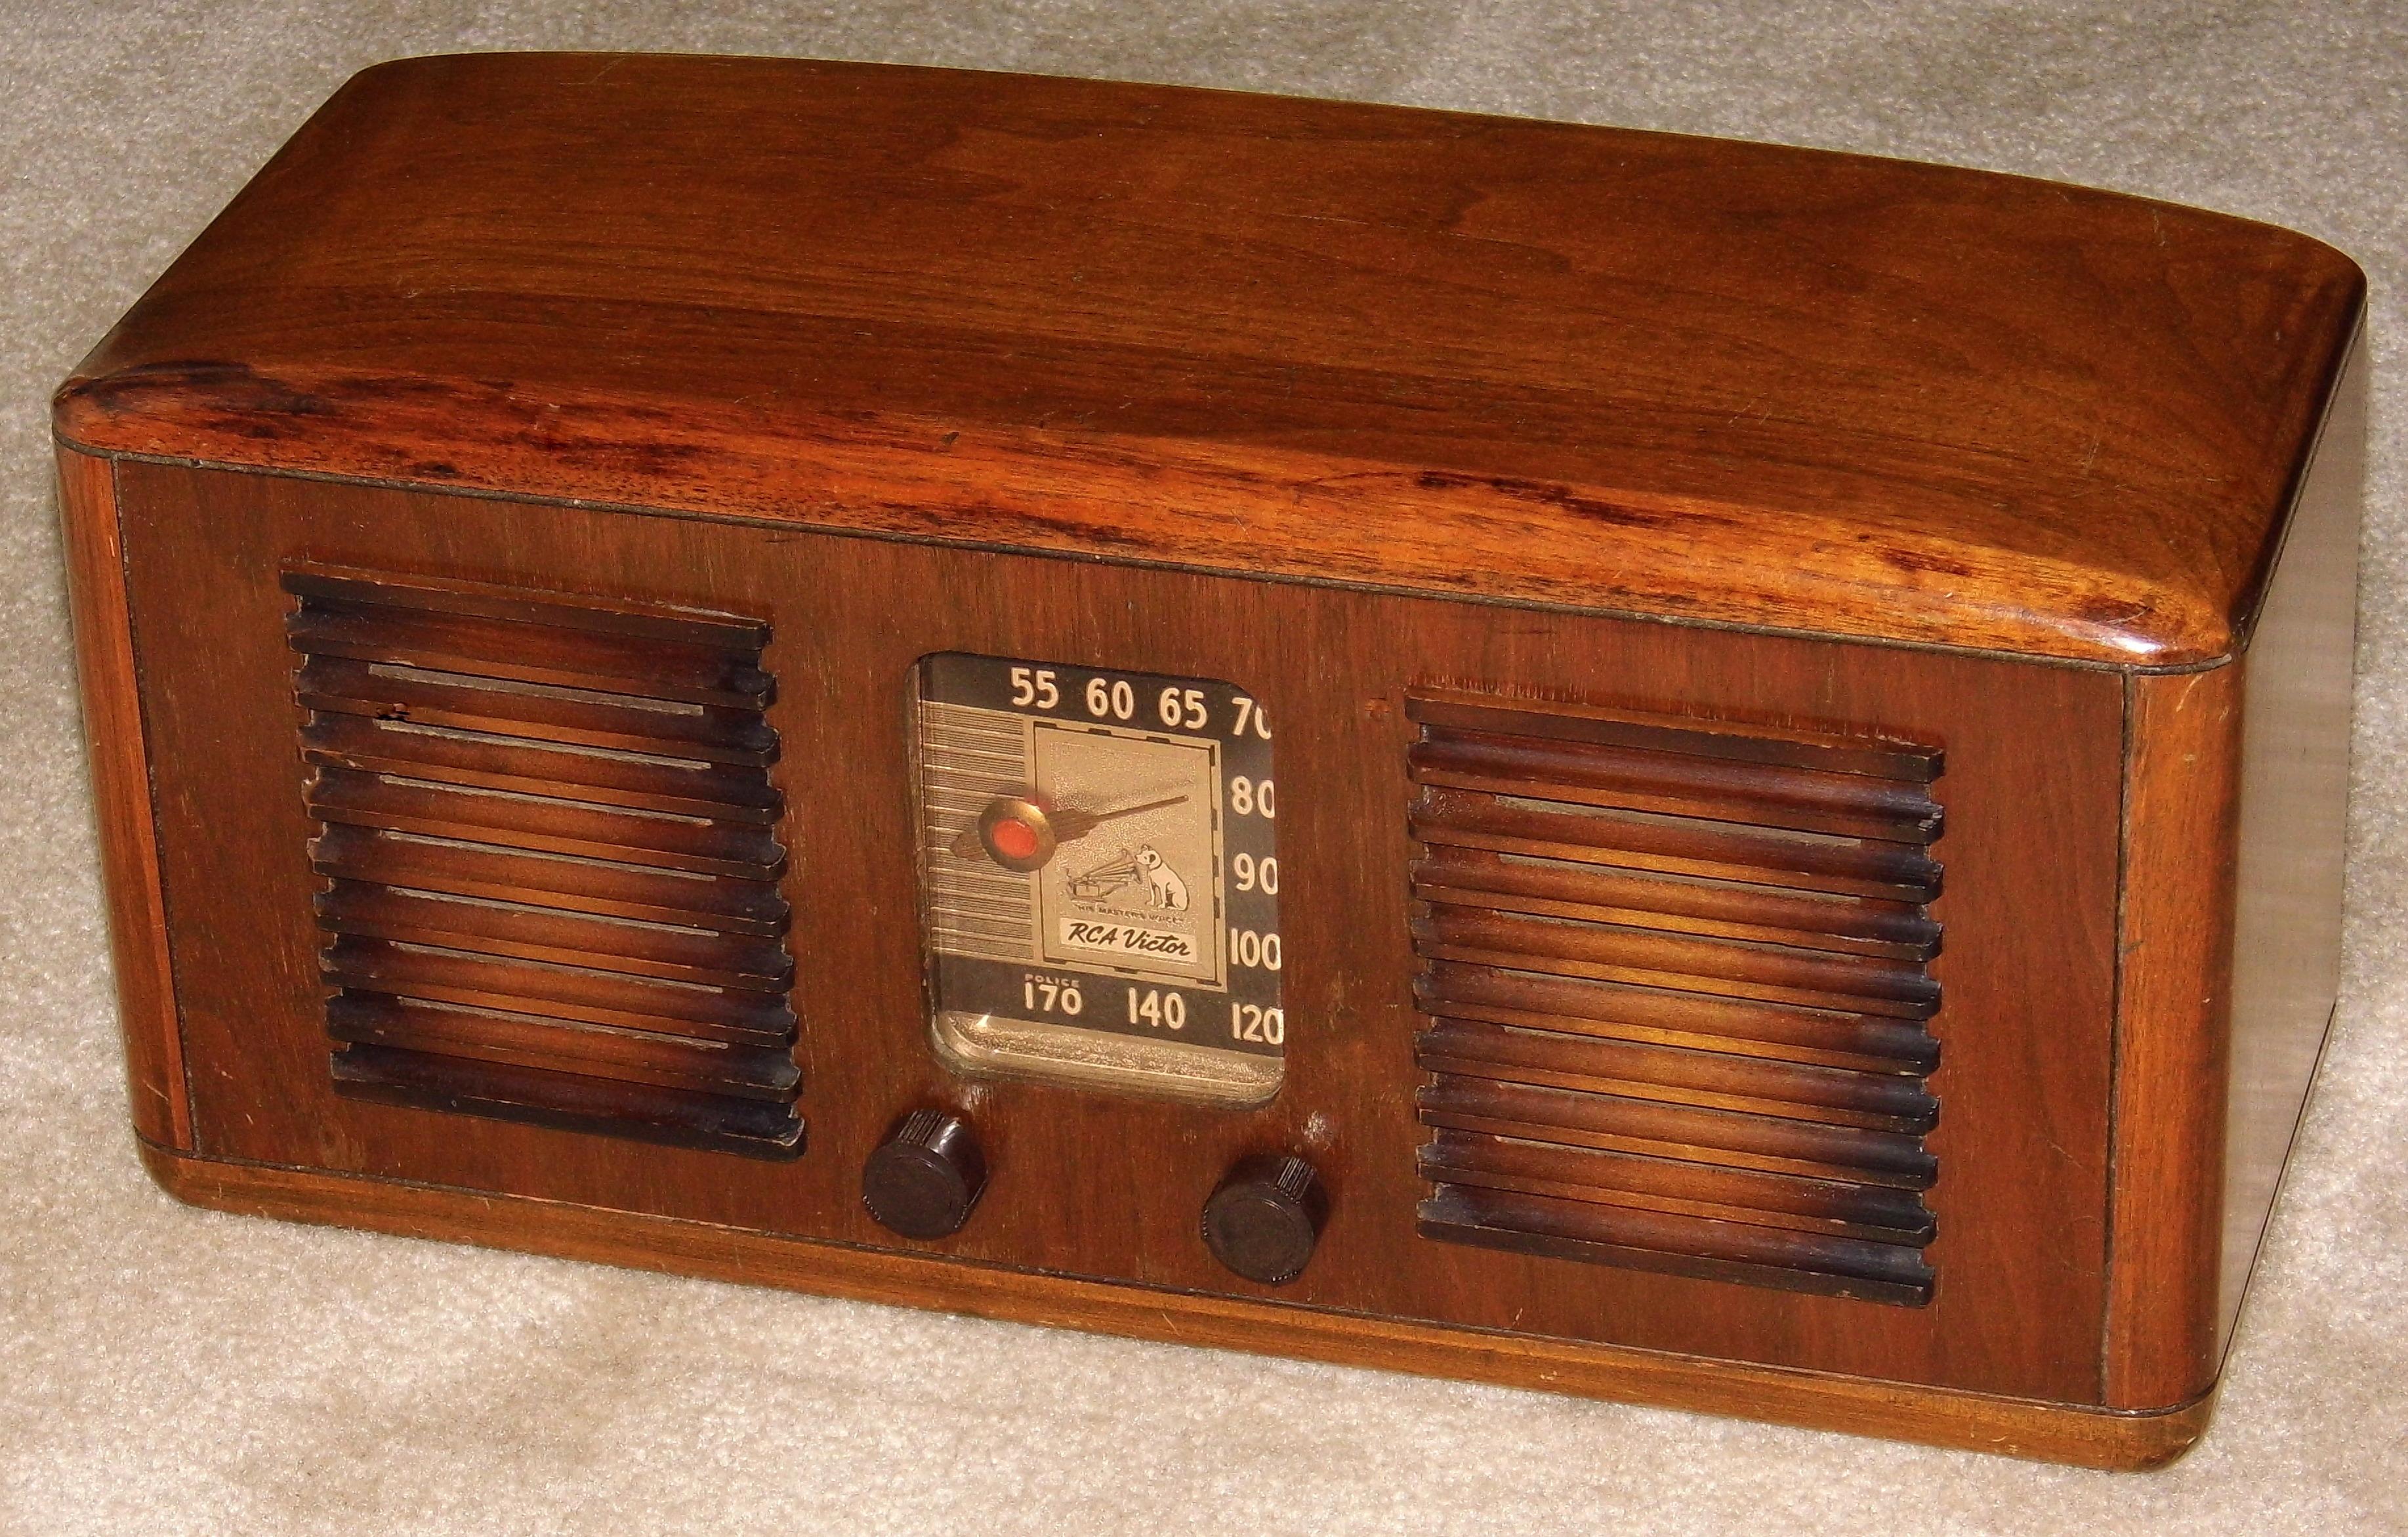 File:Vintage RCA Wood Table Radio, Model 55X, 5 Tubes